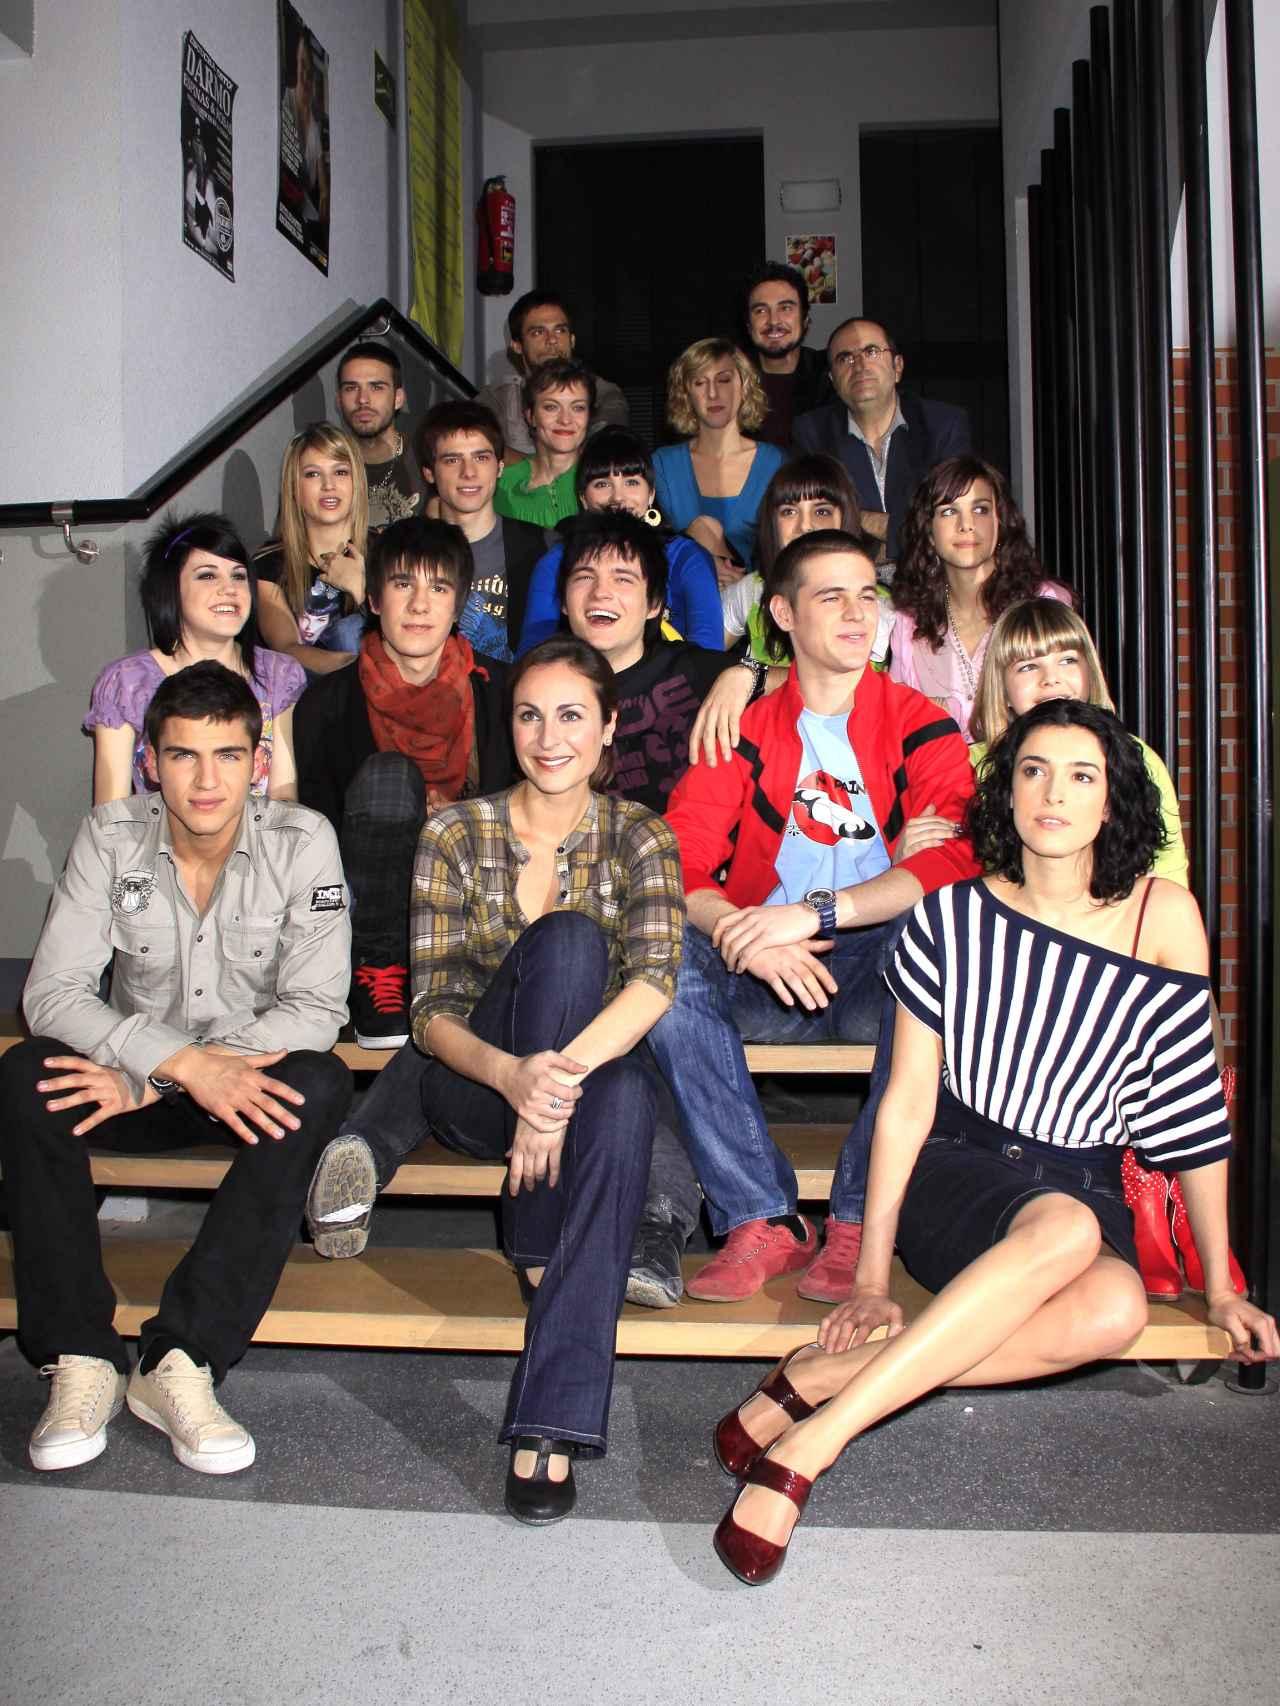 Elenco de la serie que se emitió en Antena 3 del 2008 a 2011